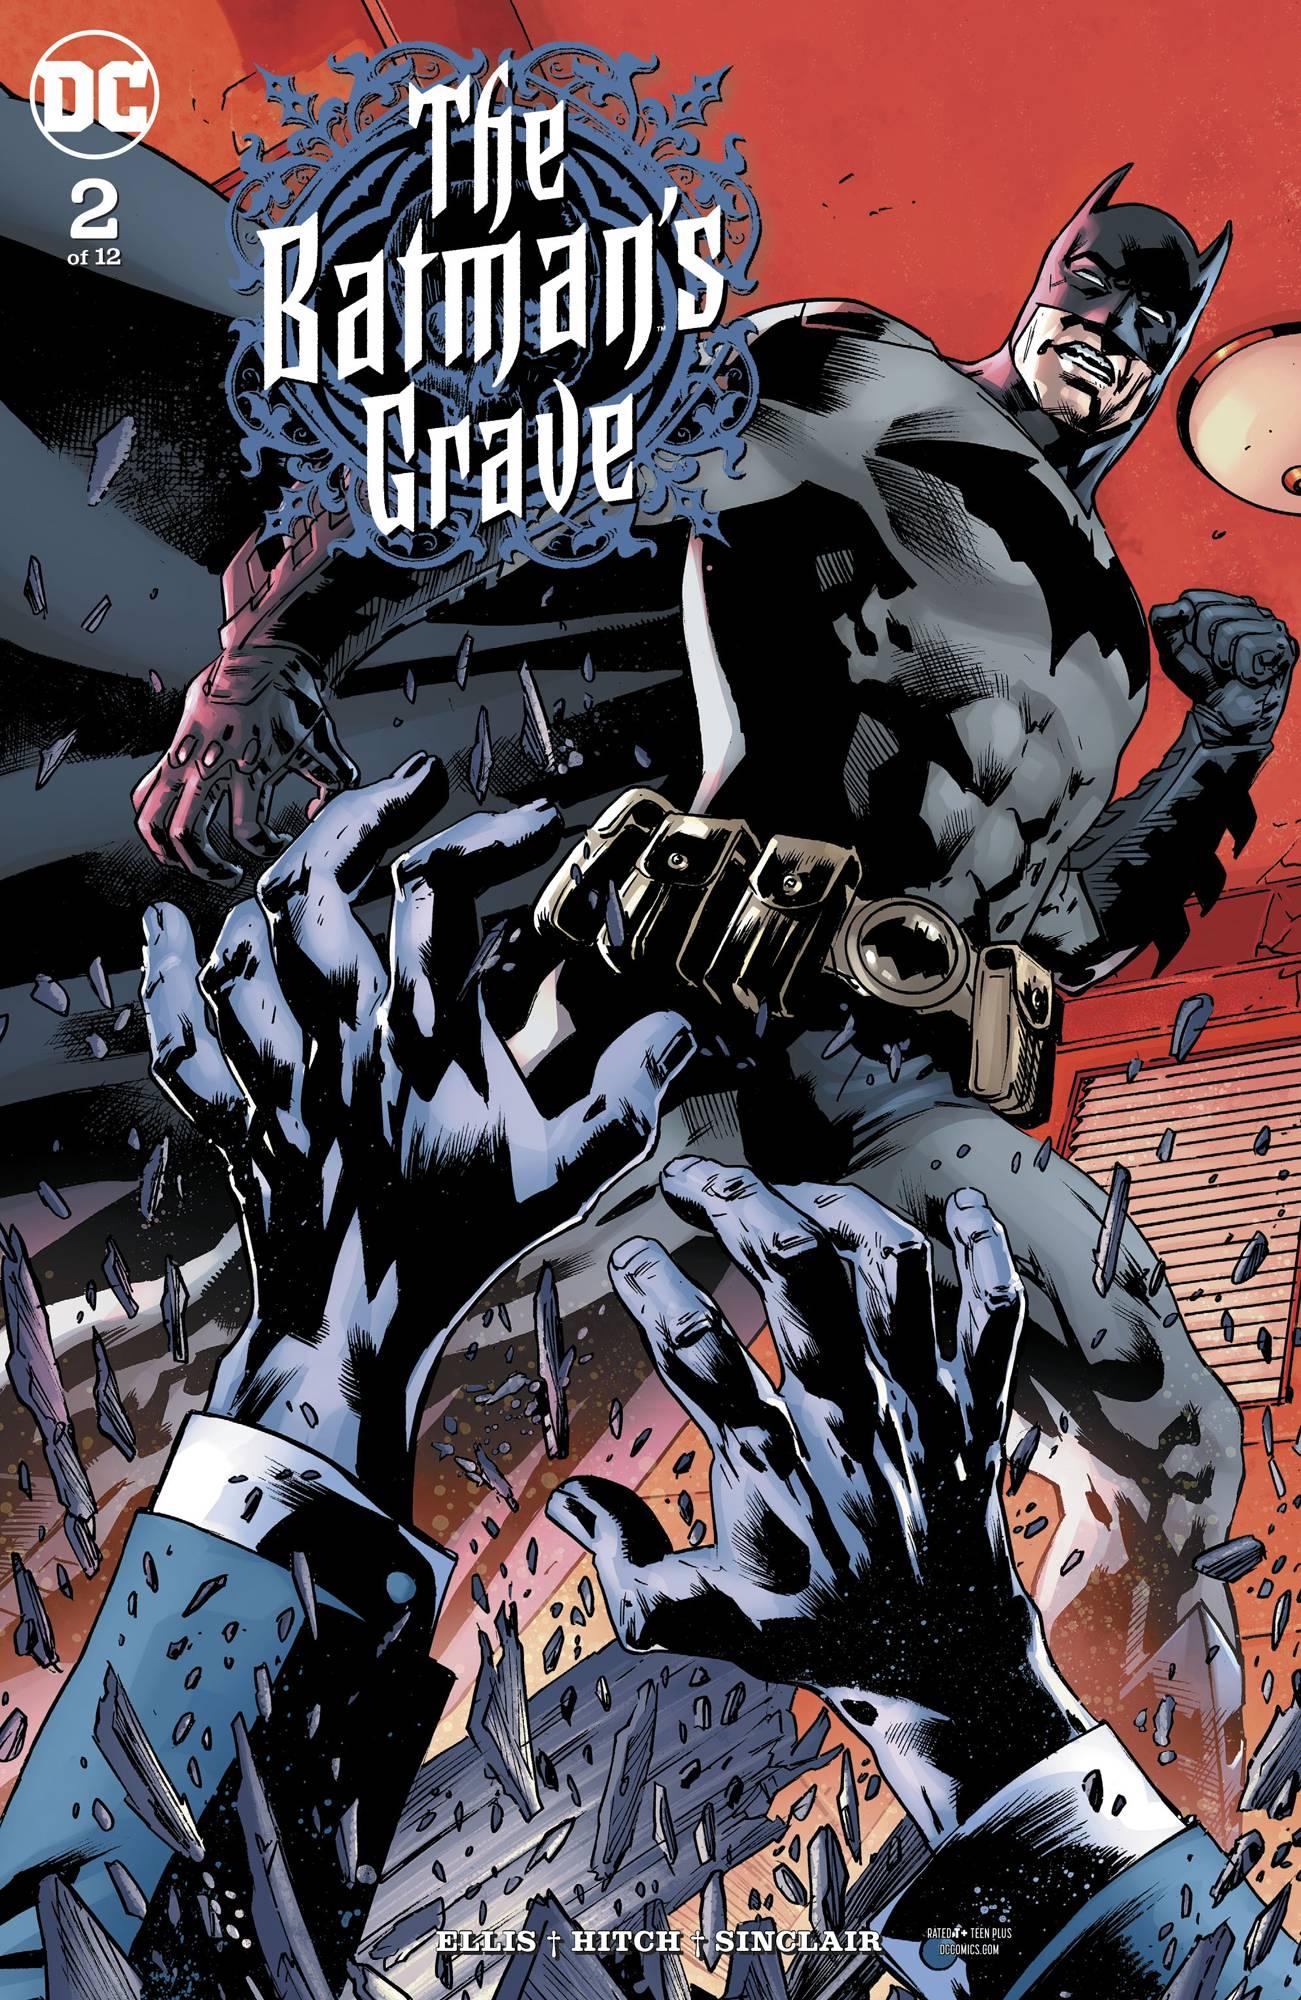 The Batman's Grave #2